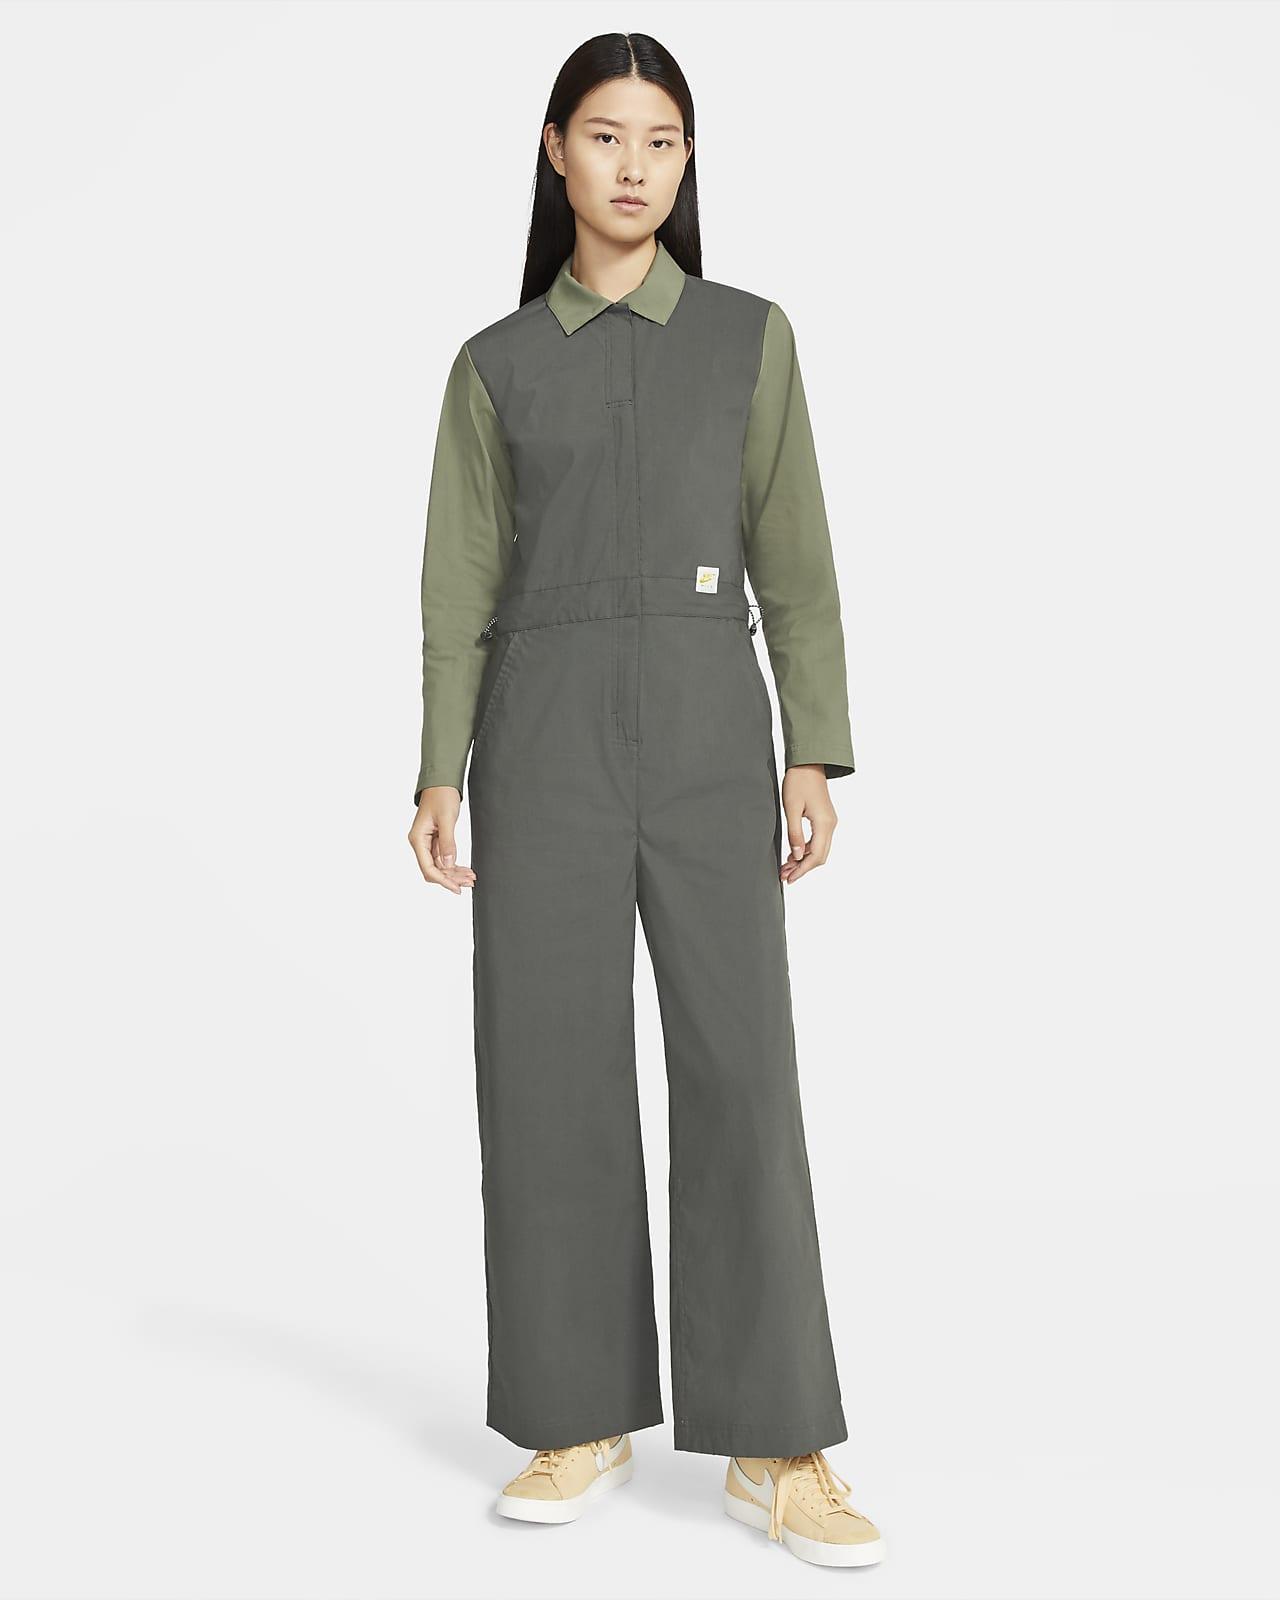 Nike Sportswear Women's Coveralls